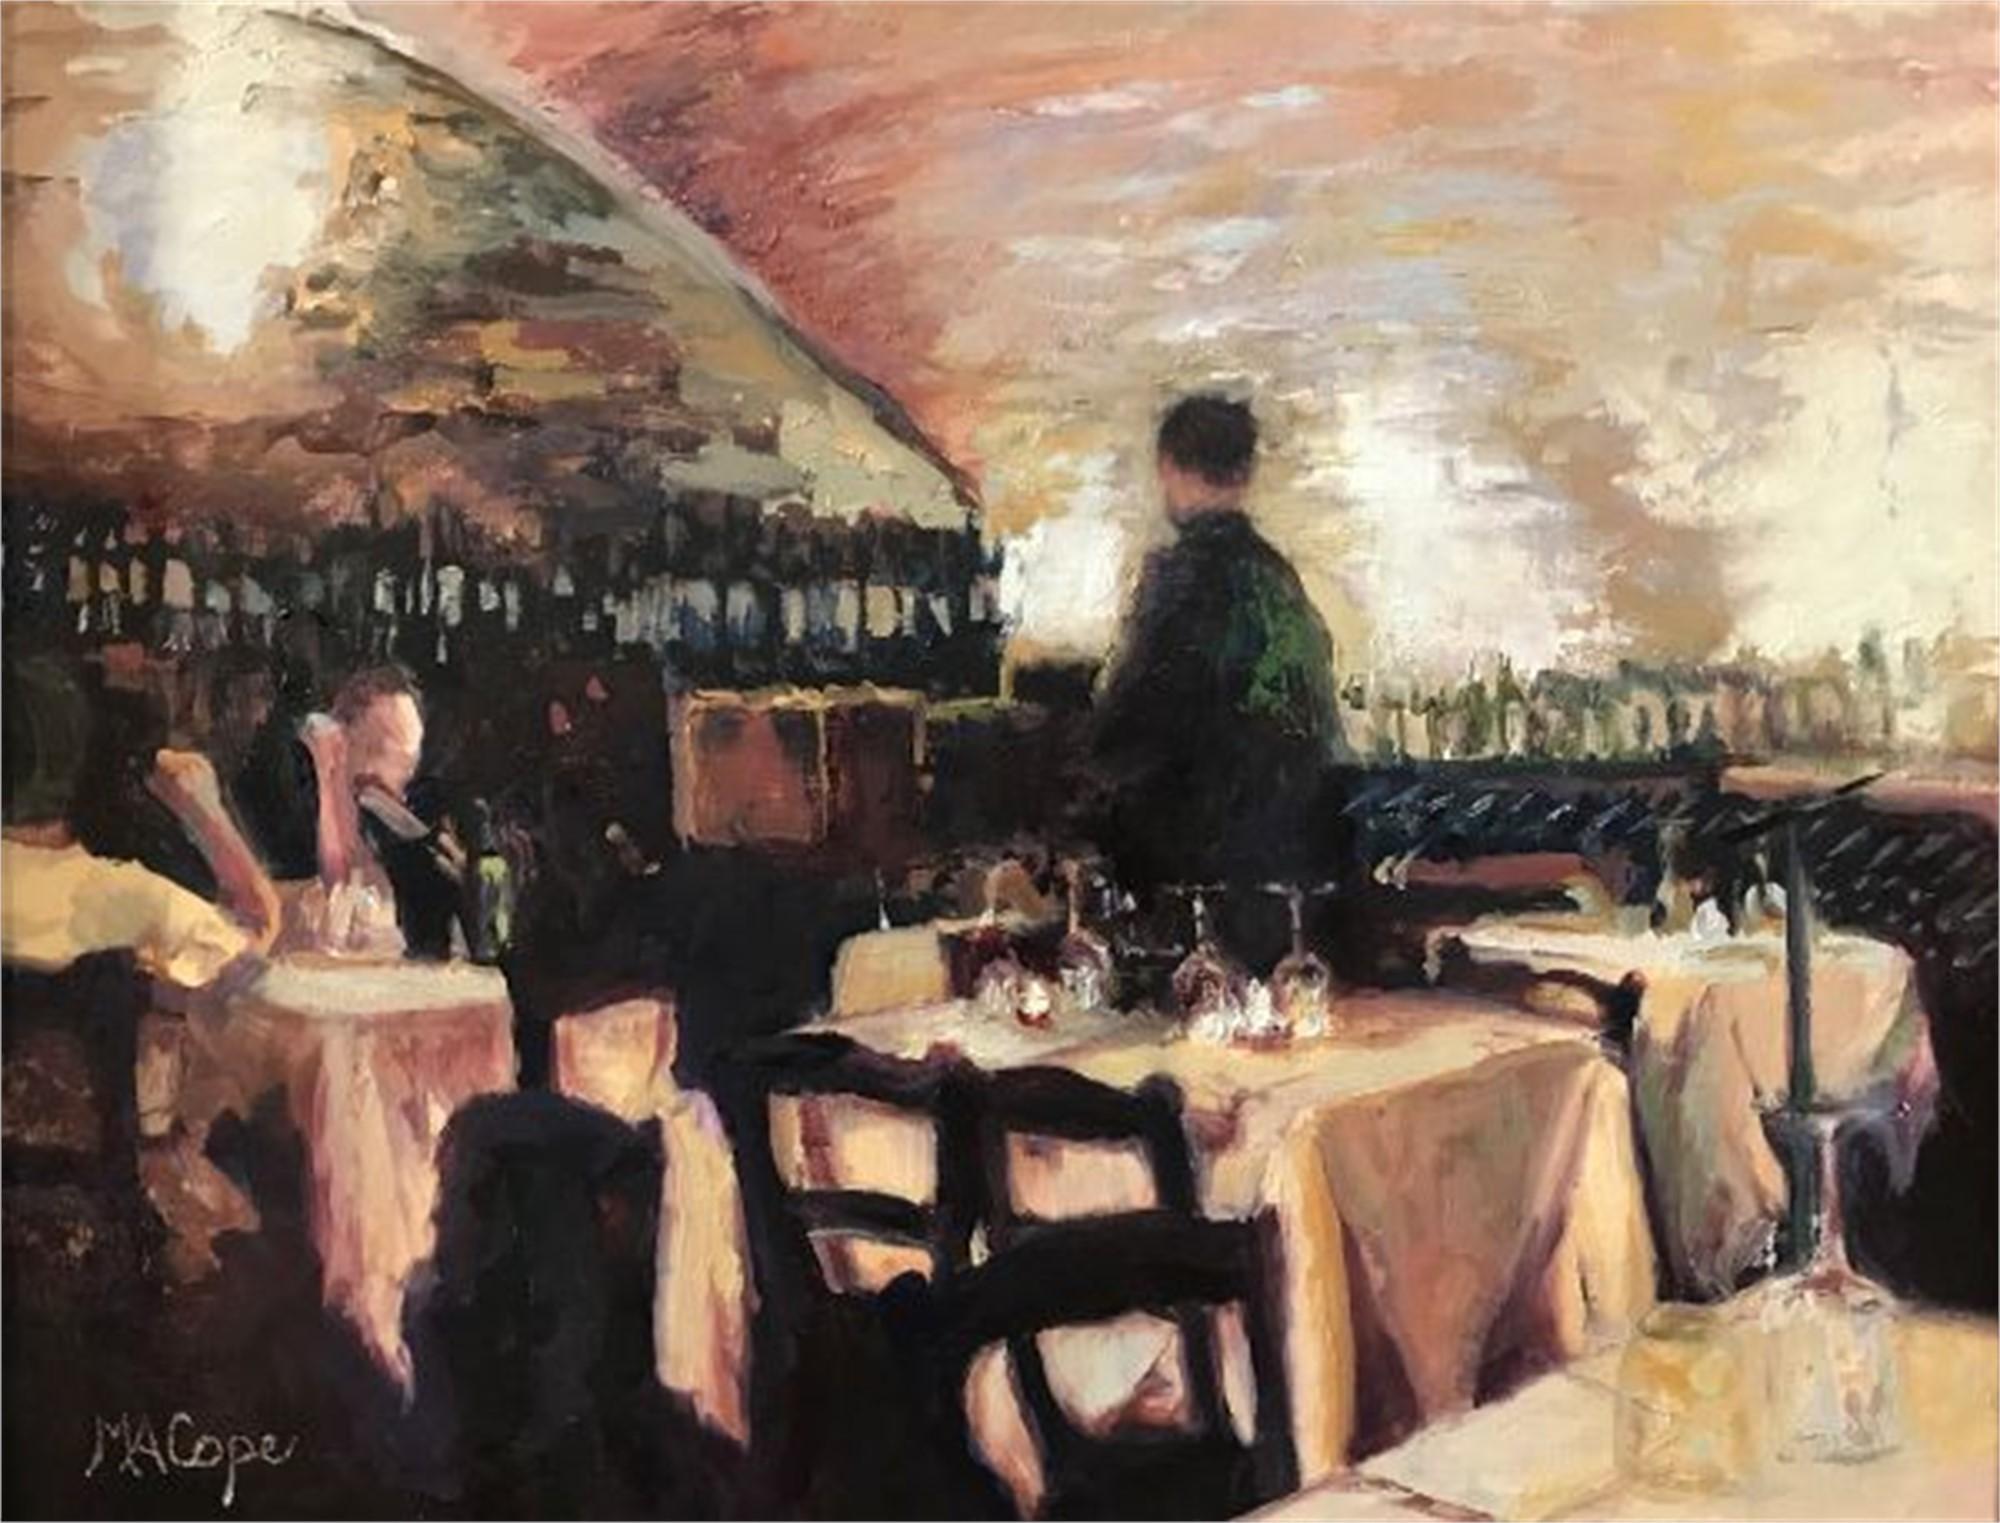 Ristorante Parione by Mary Ann Cope